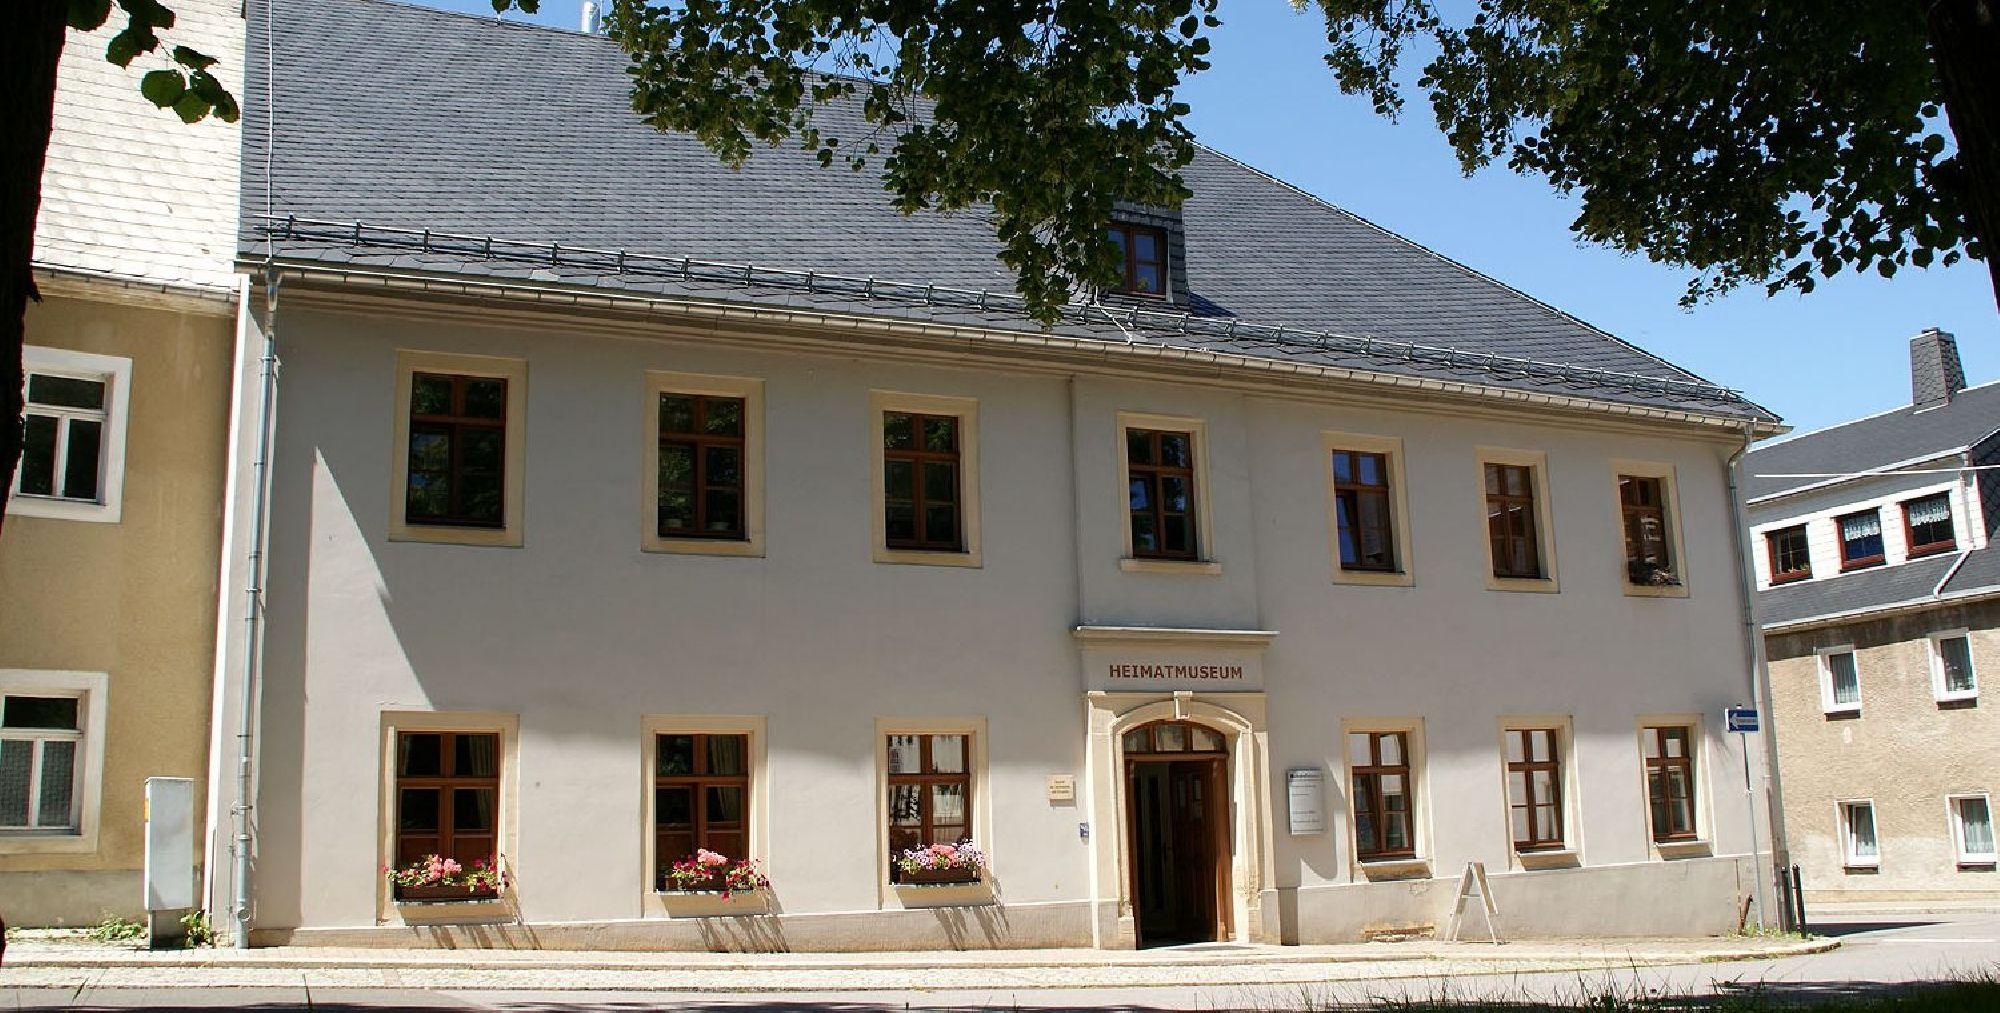 Heimatmuseum von Zöblitz